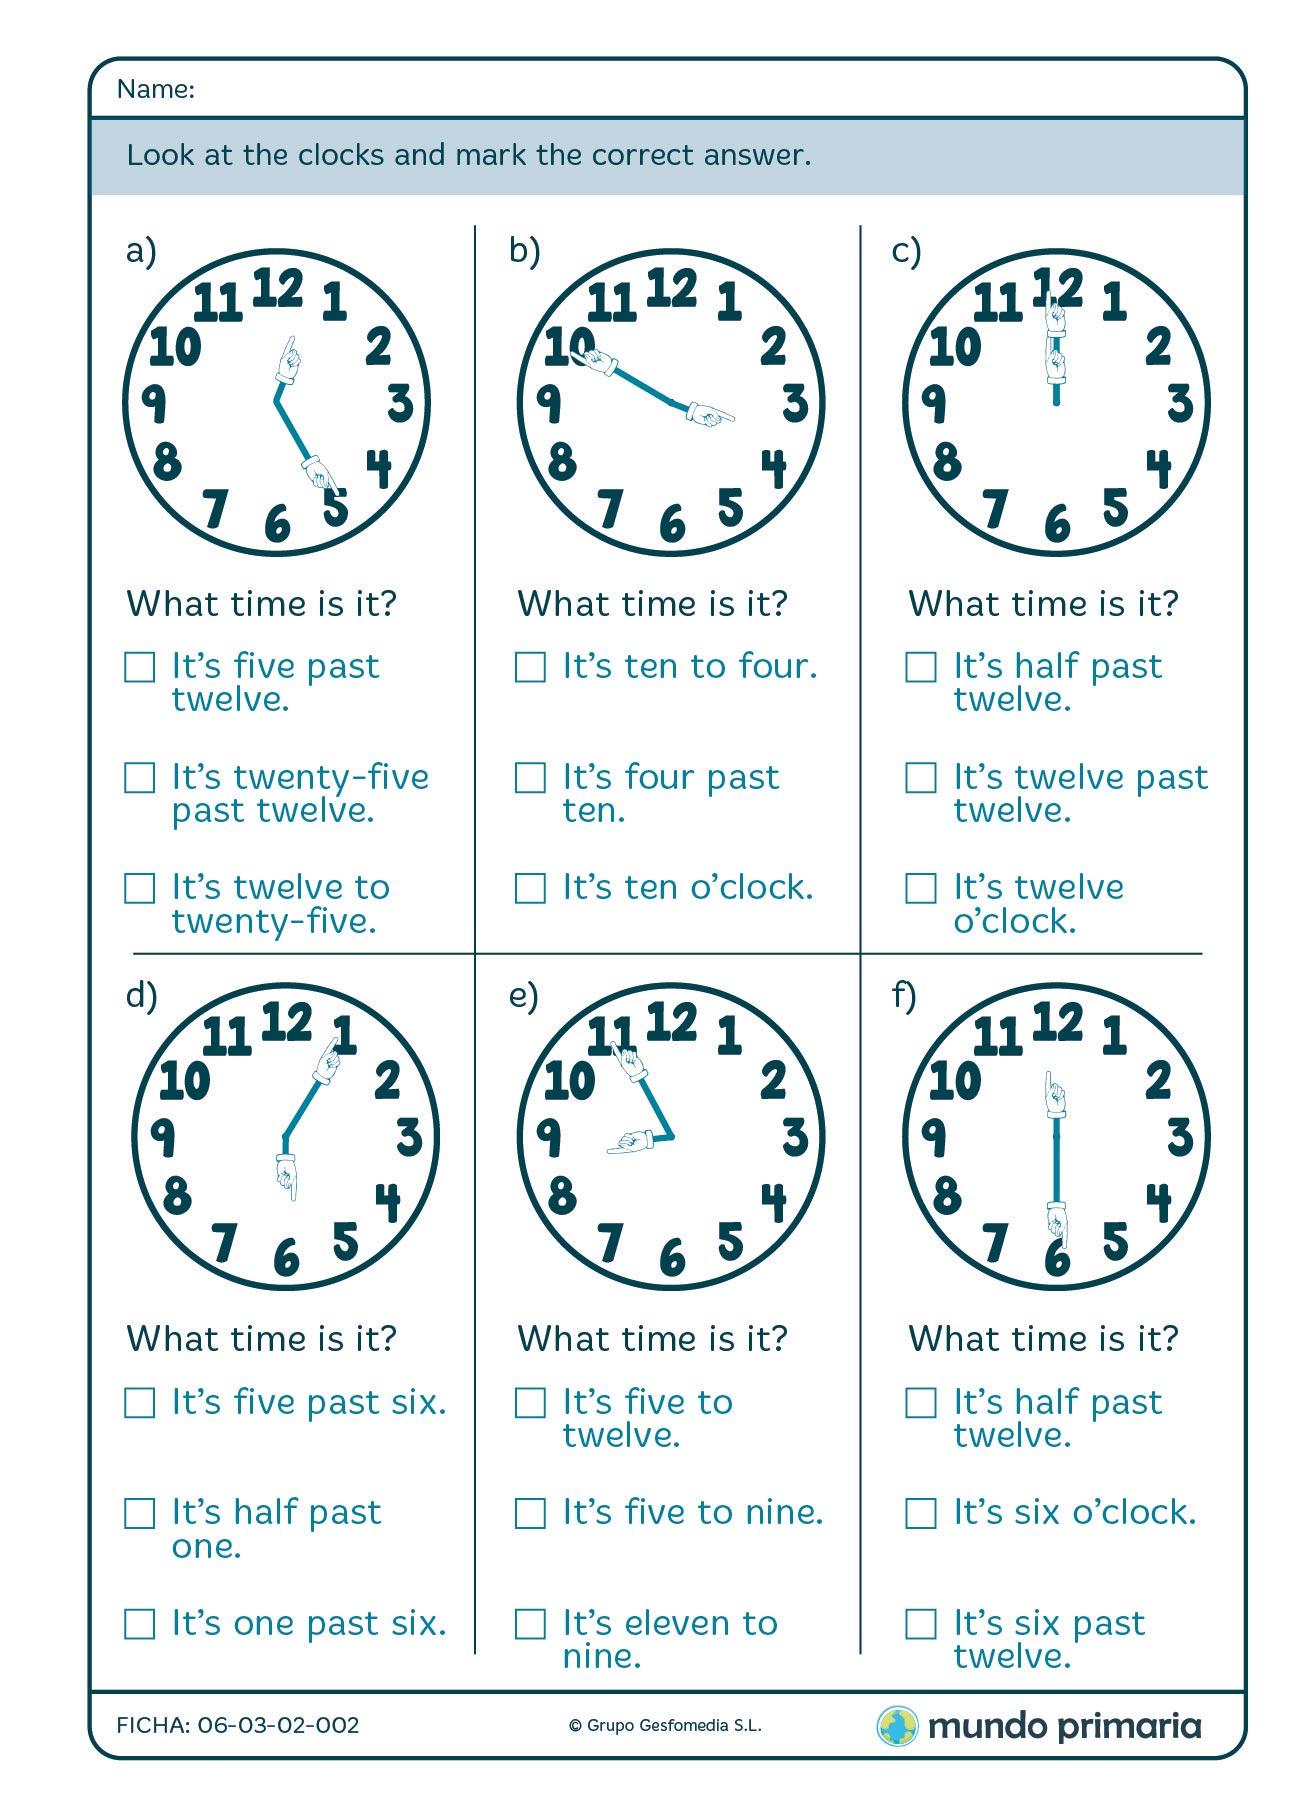 Ficha de las horas en inglés con ejercicios sobre decir la hora en inglés para niños de primaria